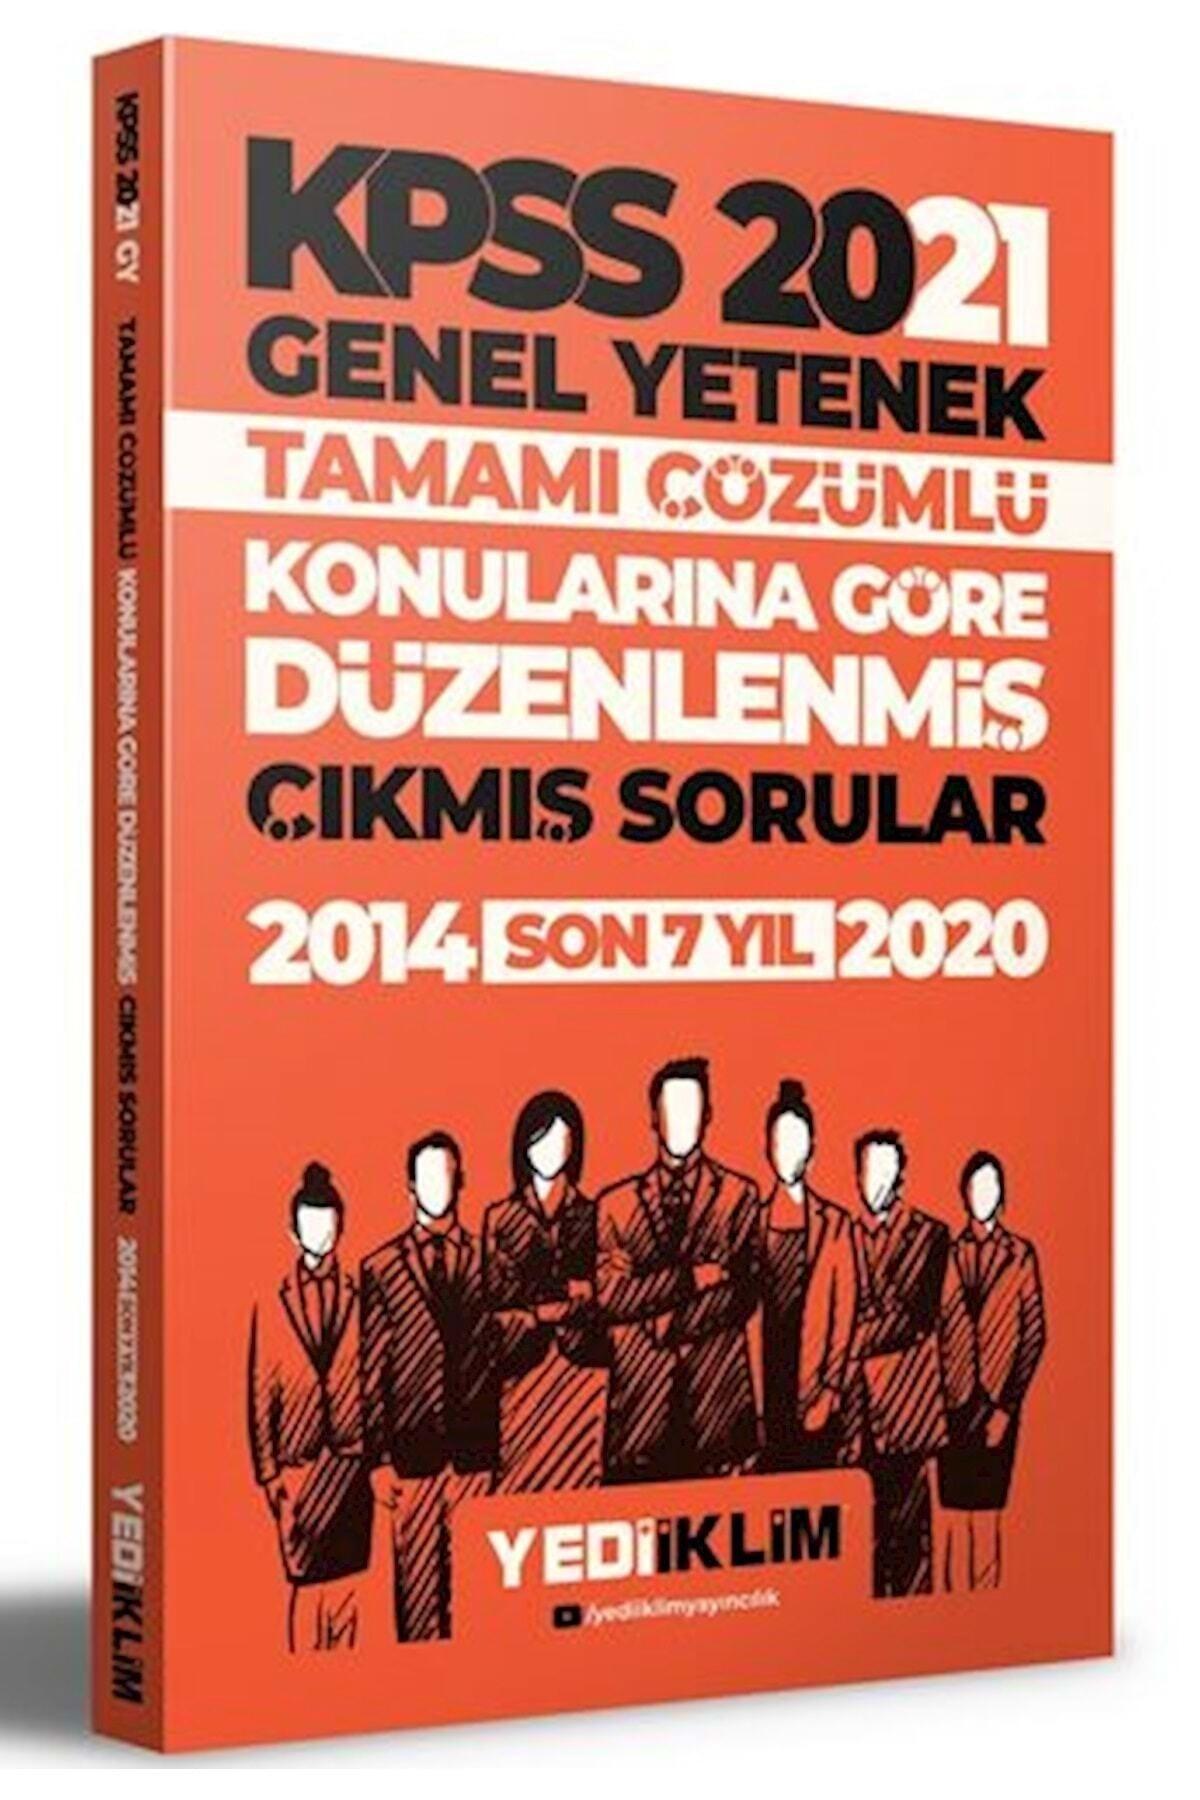 2021 Kpss Genel Yetenek Çıkmış Sorular Konularına Göre Çözümlü